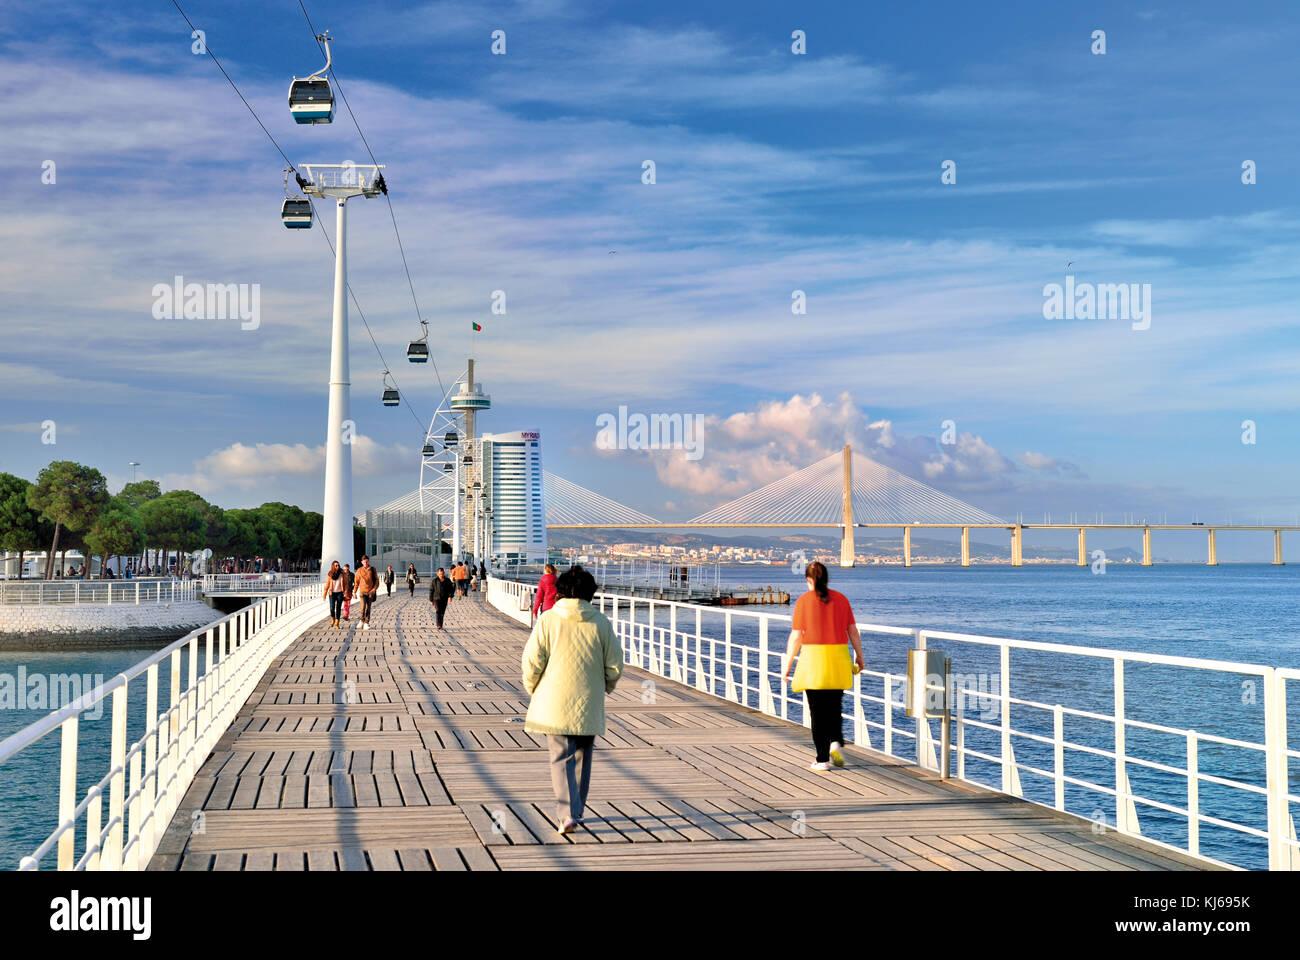 La gente pasar un puente peatonal, rodeado por una arquitectura moderna, el teleférico ascensor y el puente Imagen De Stock